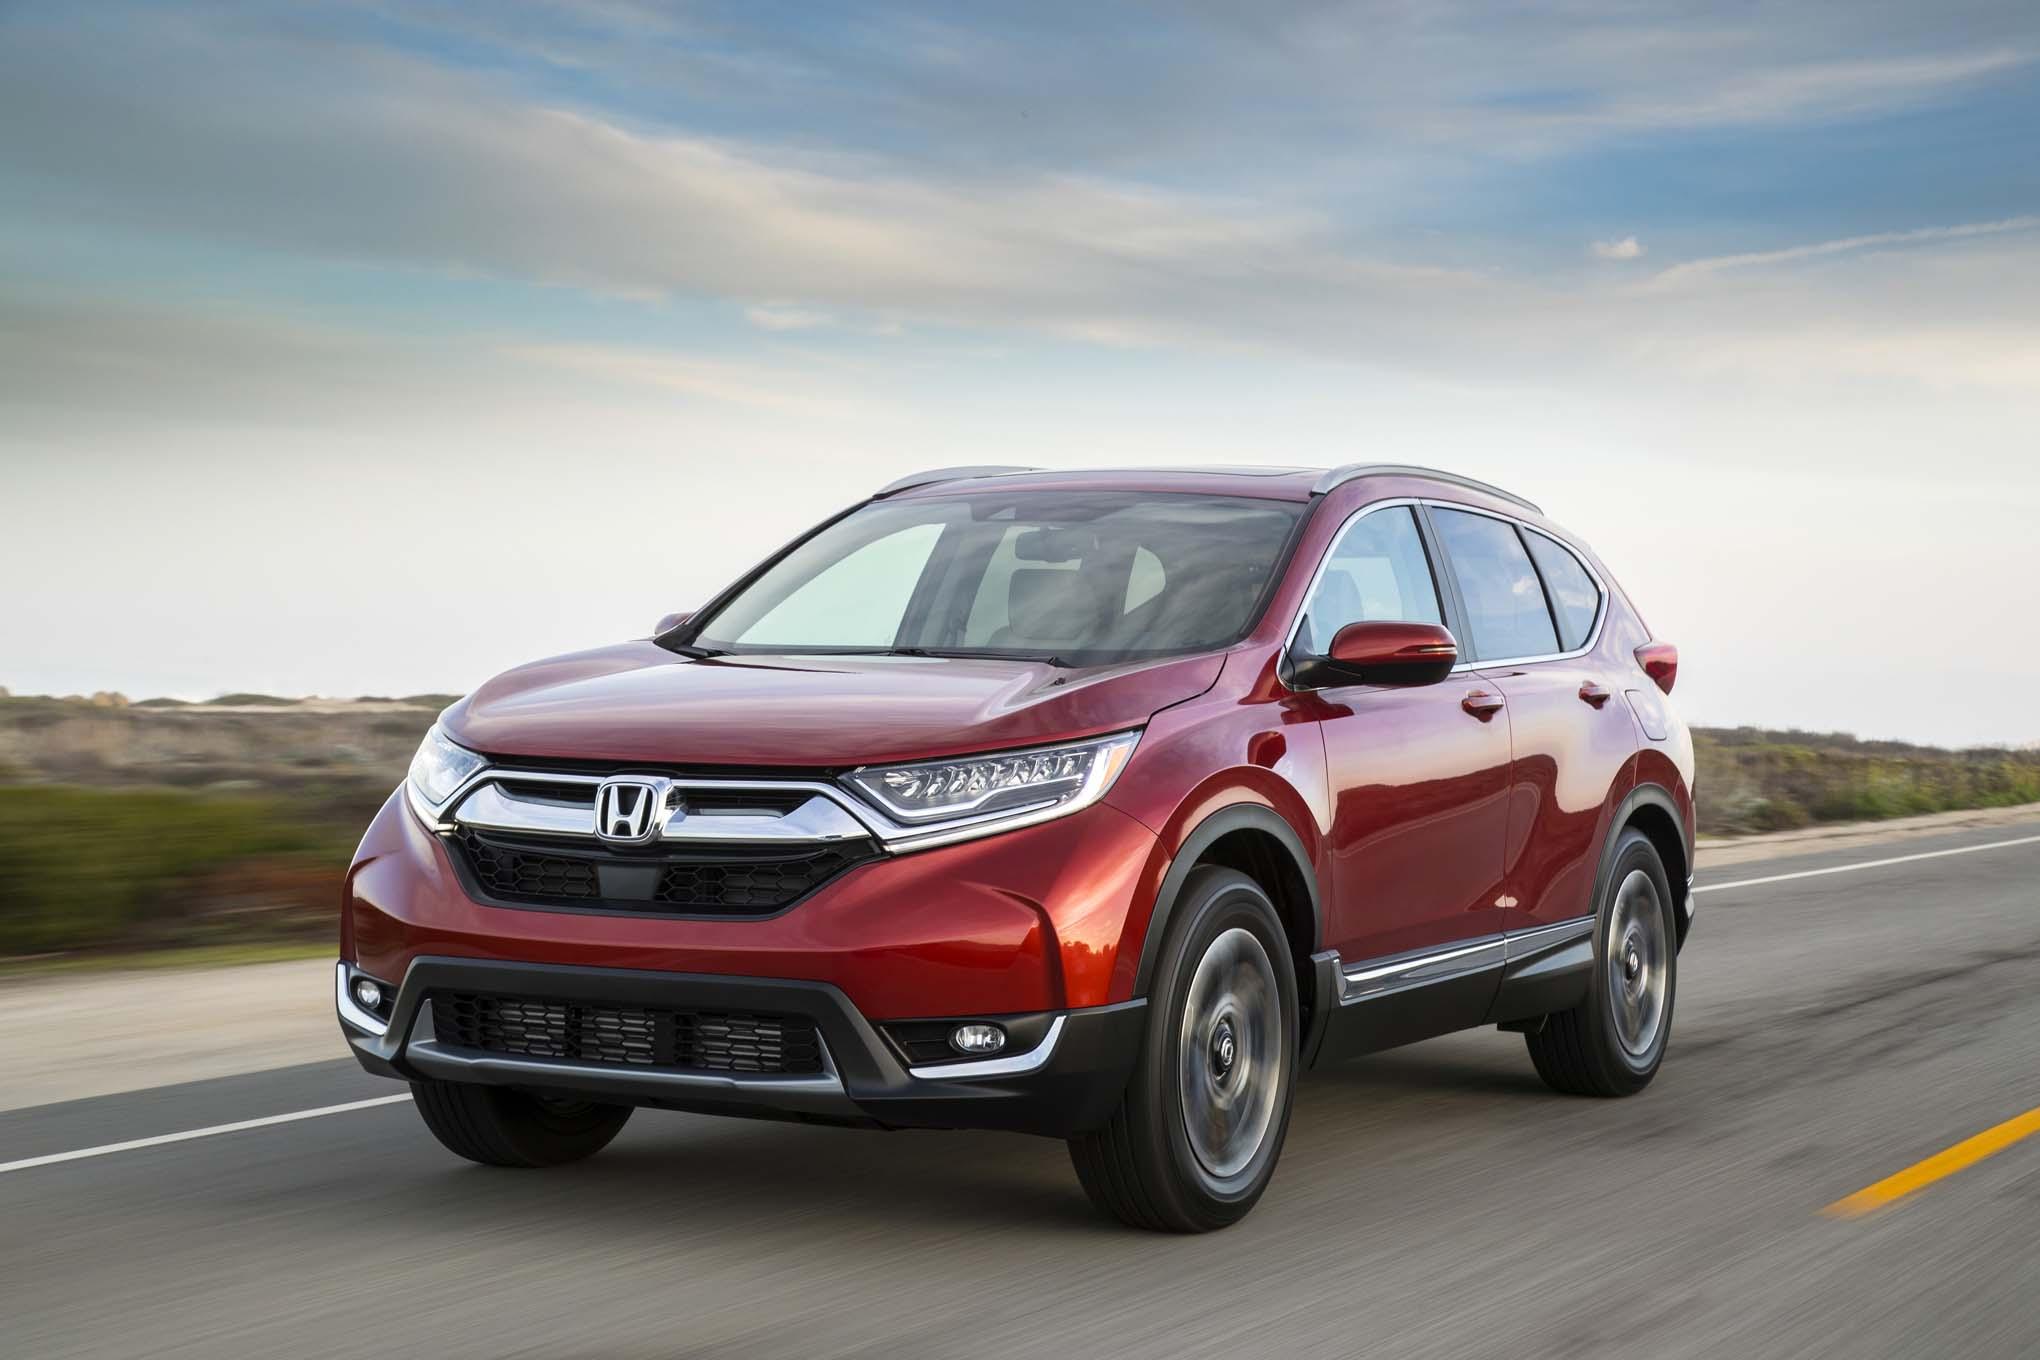 2017-Honda-CR-V-front-three-quarter-in-motion.jpg